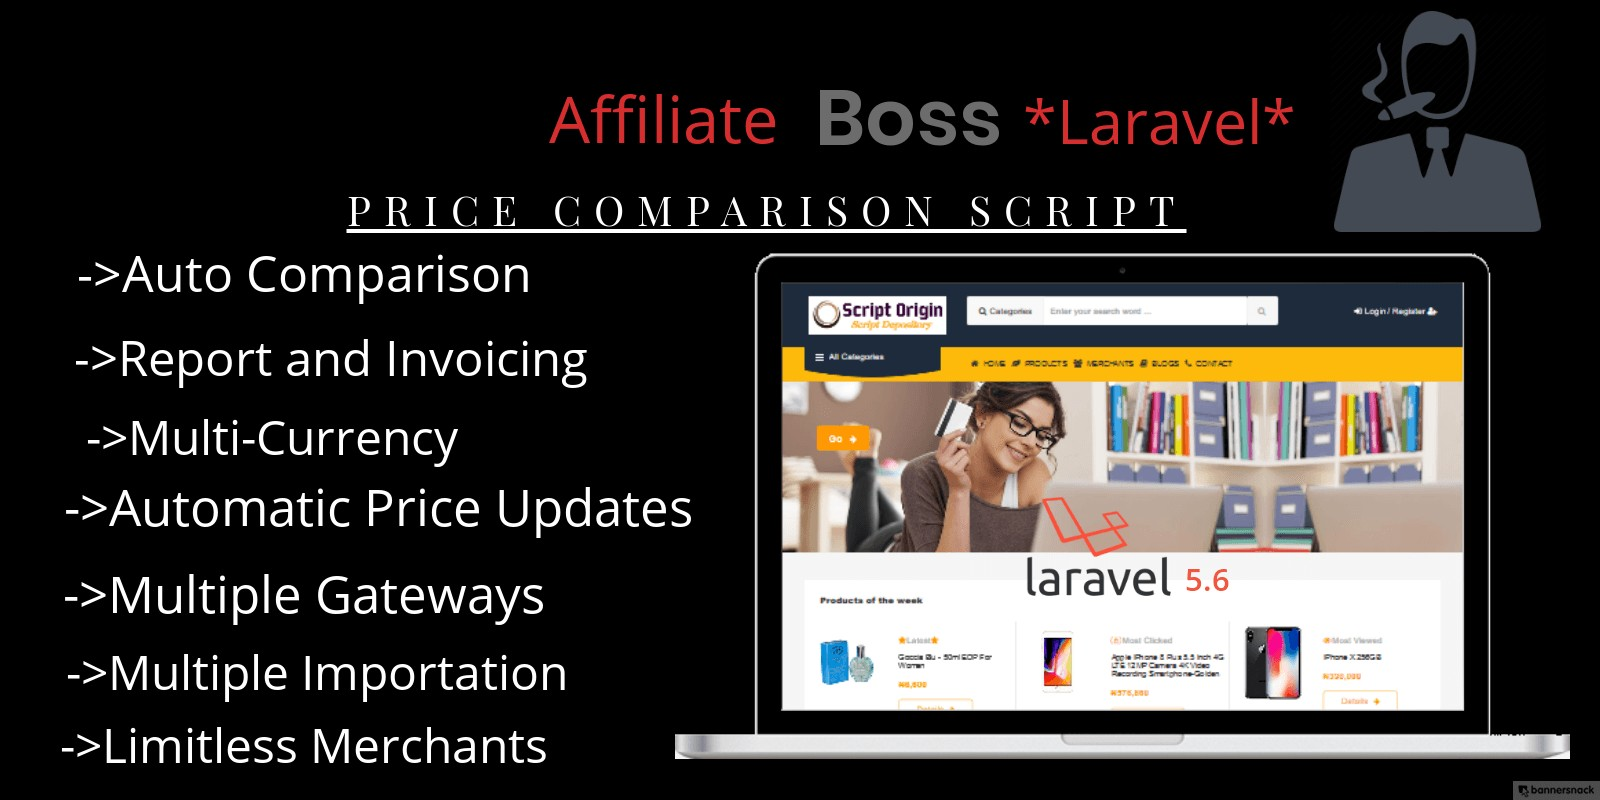 Affiliate Boss Price Comparison PHP Script